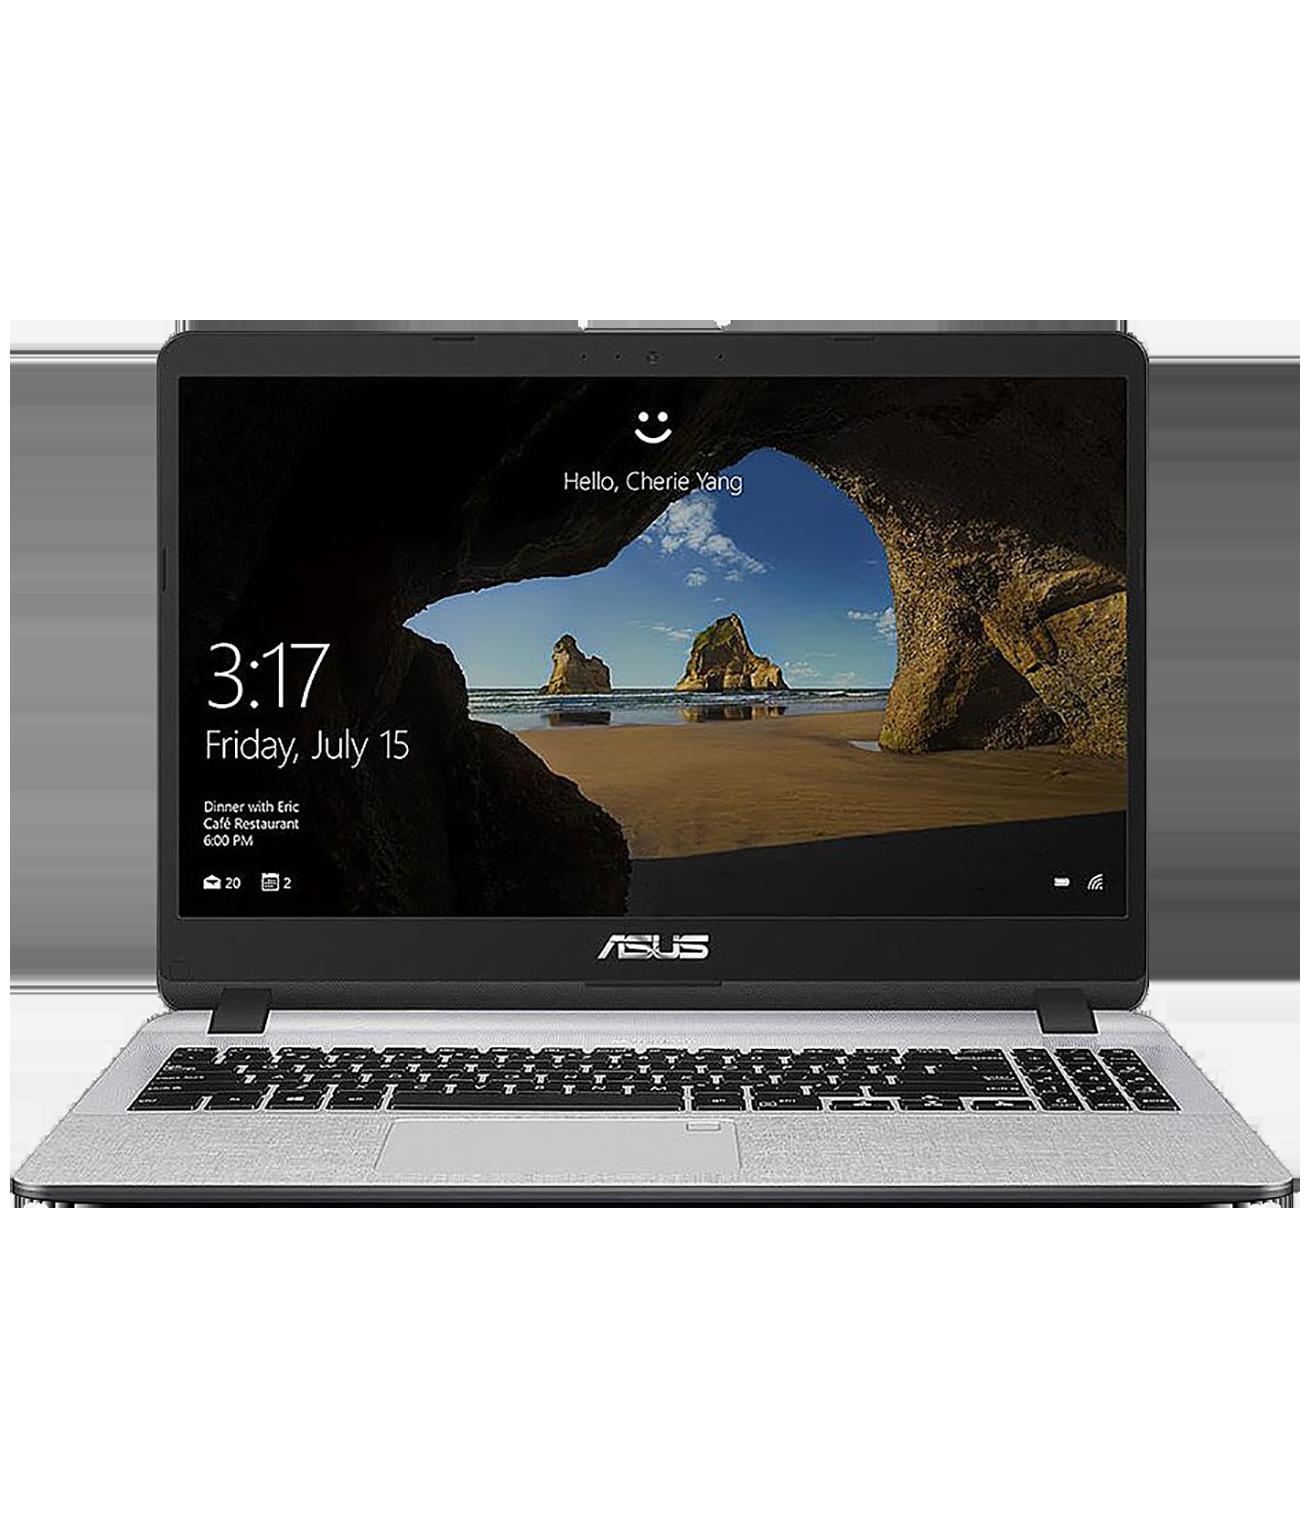 Asus X507MA Pentium